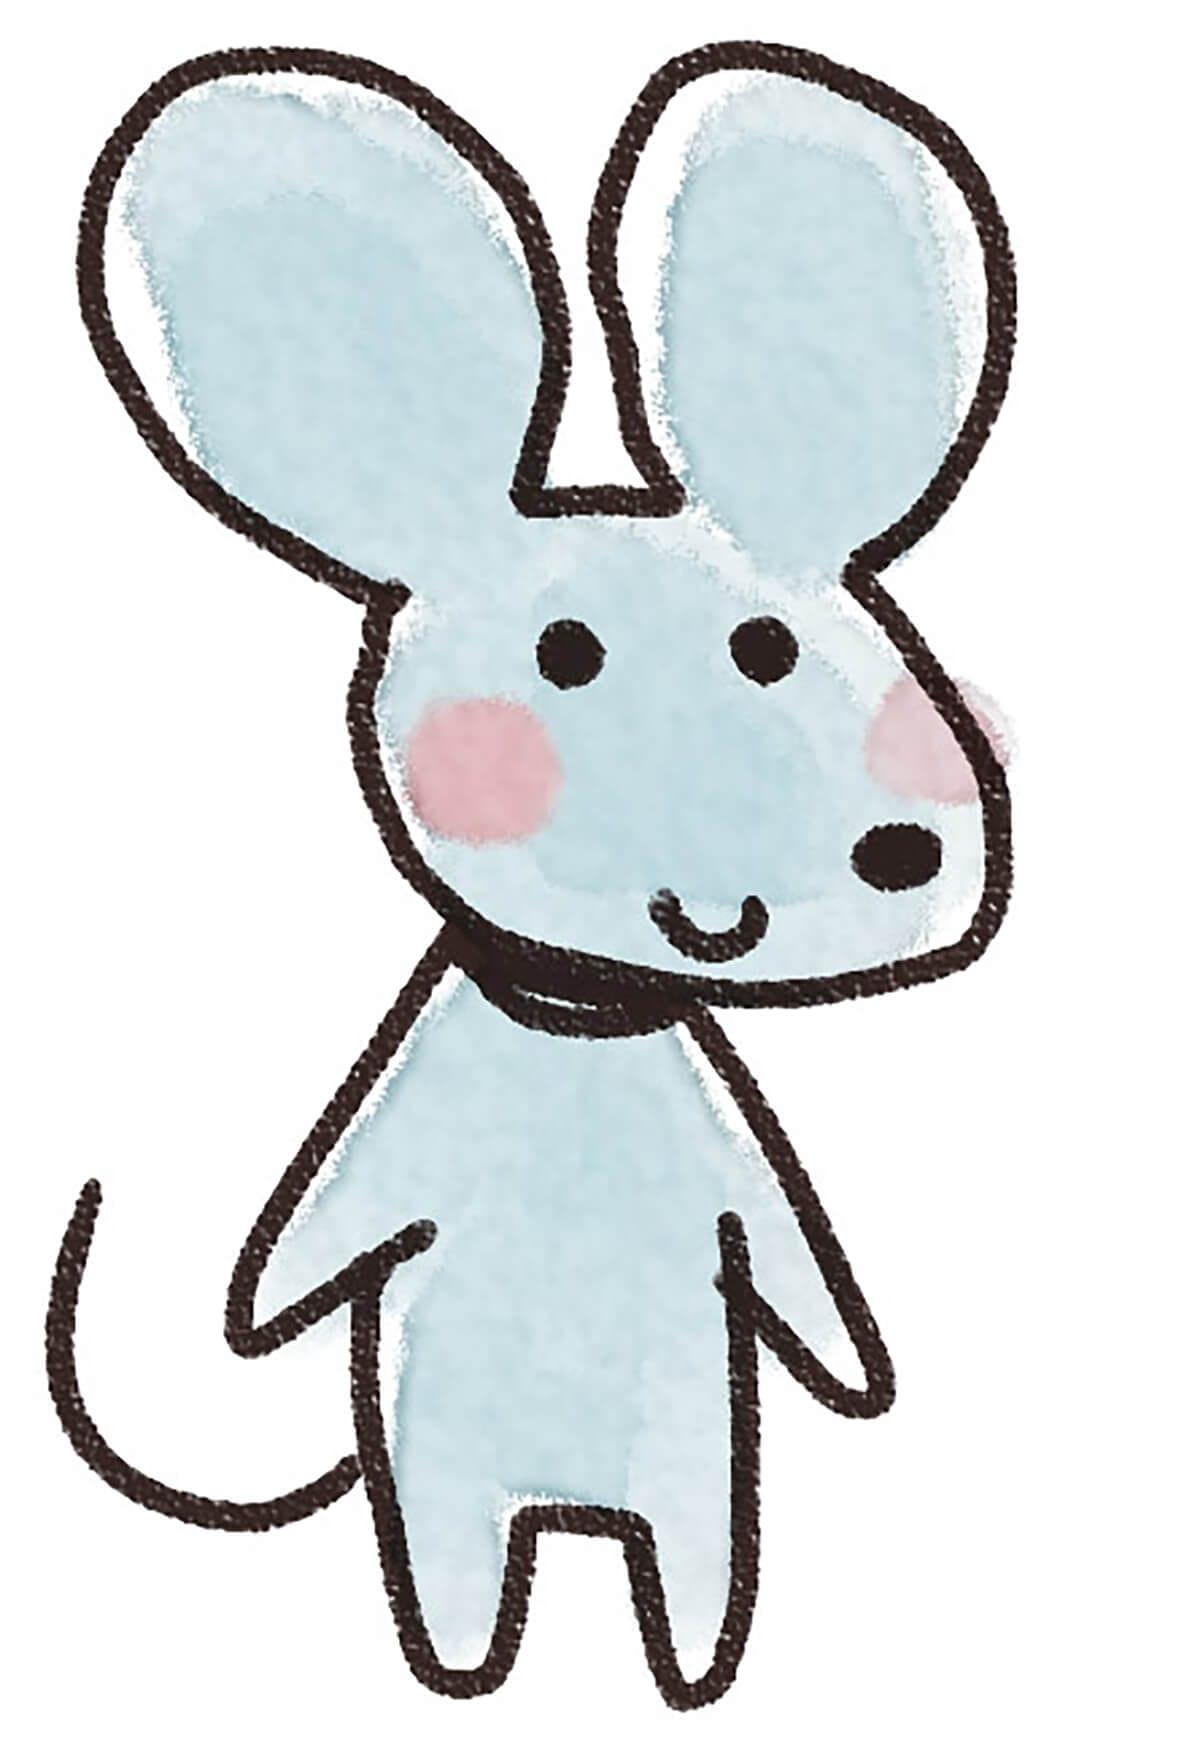 Мышка картинка для детей 6